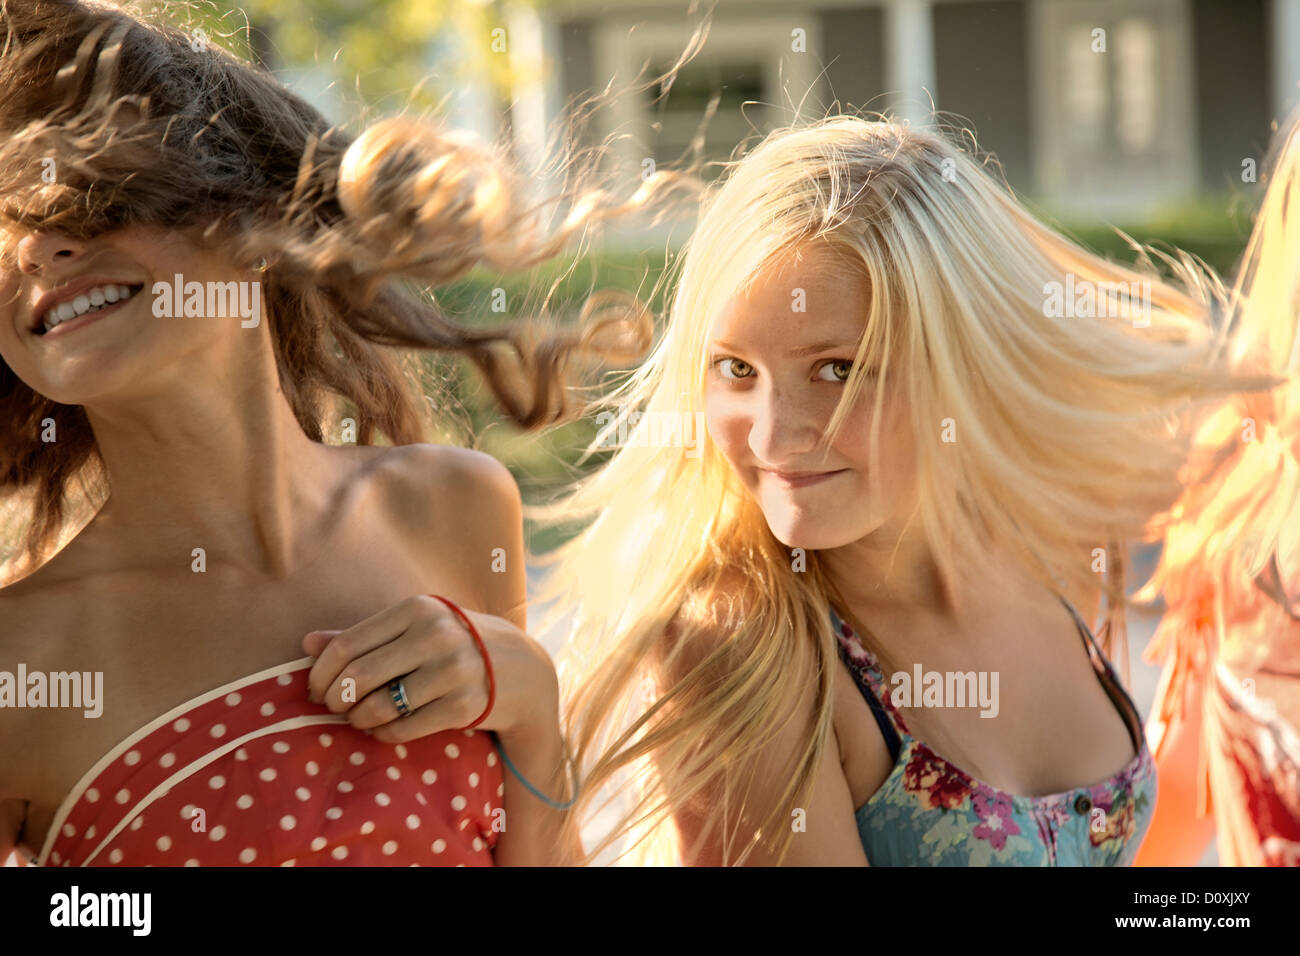 Le ragazze con i capelli lunghi in presenza di luce solare Immagini Stock